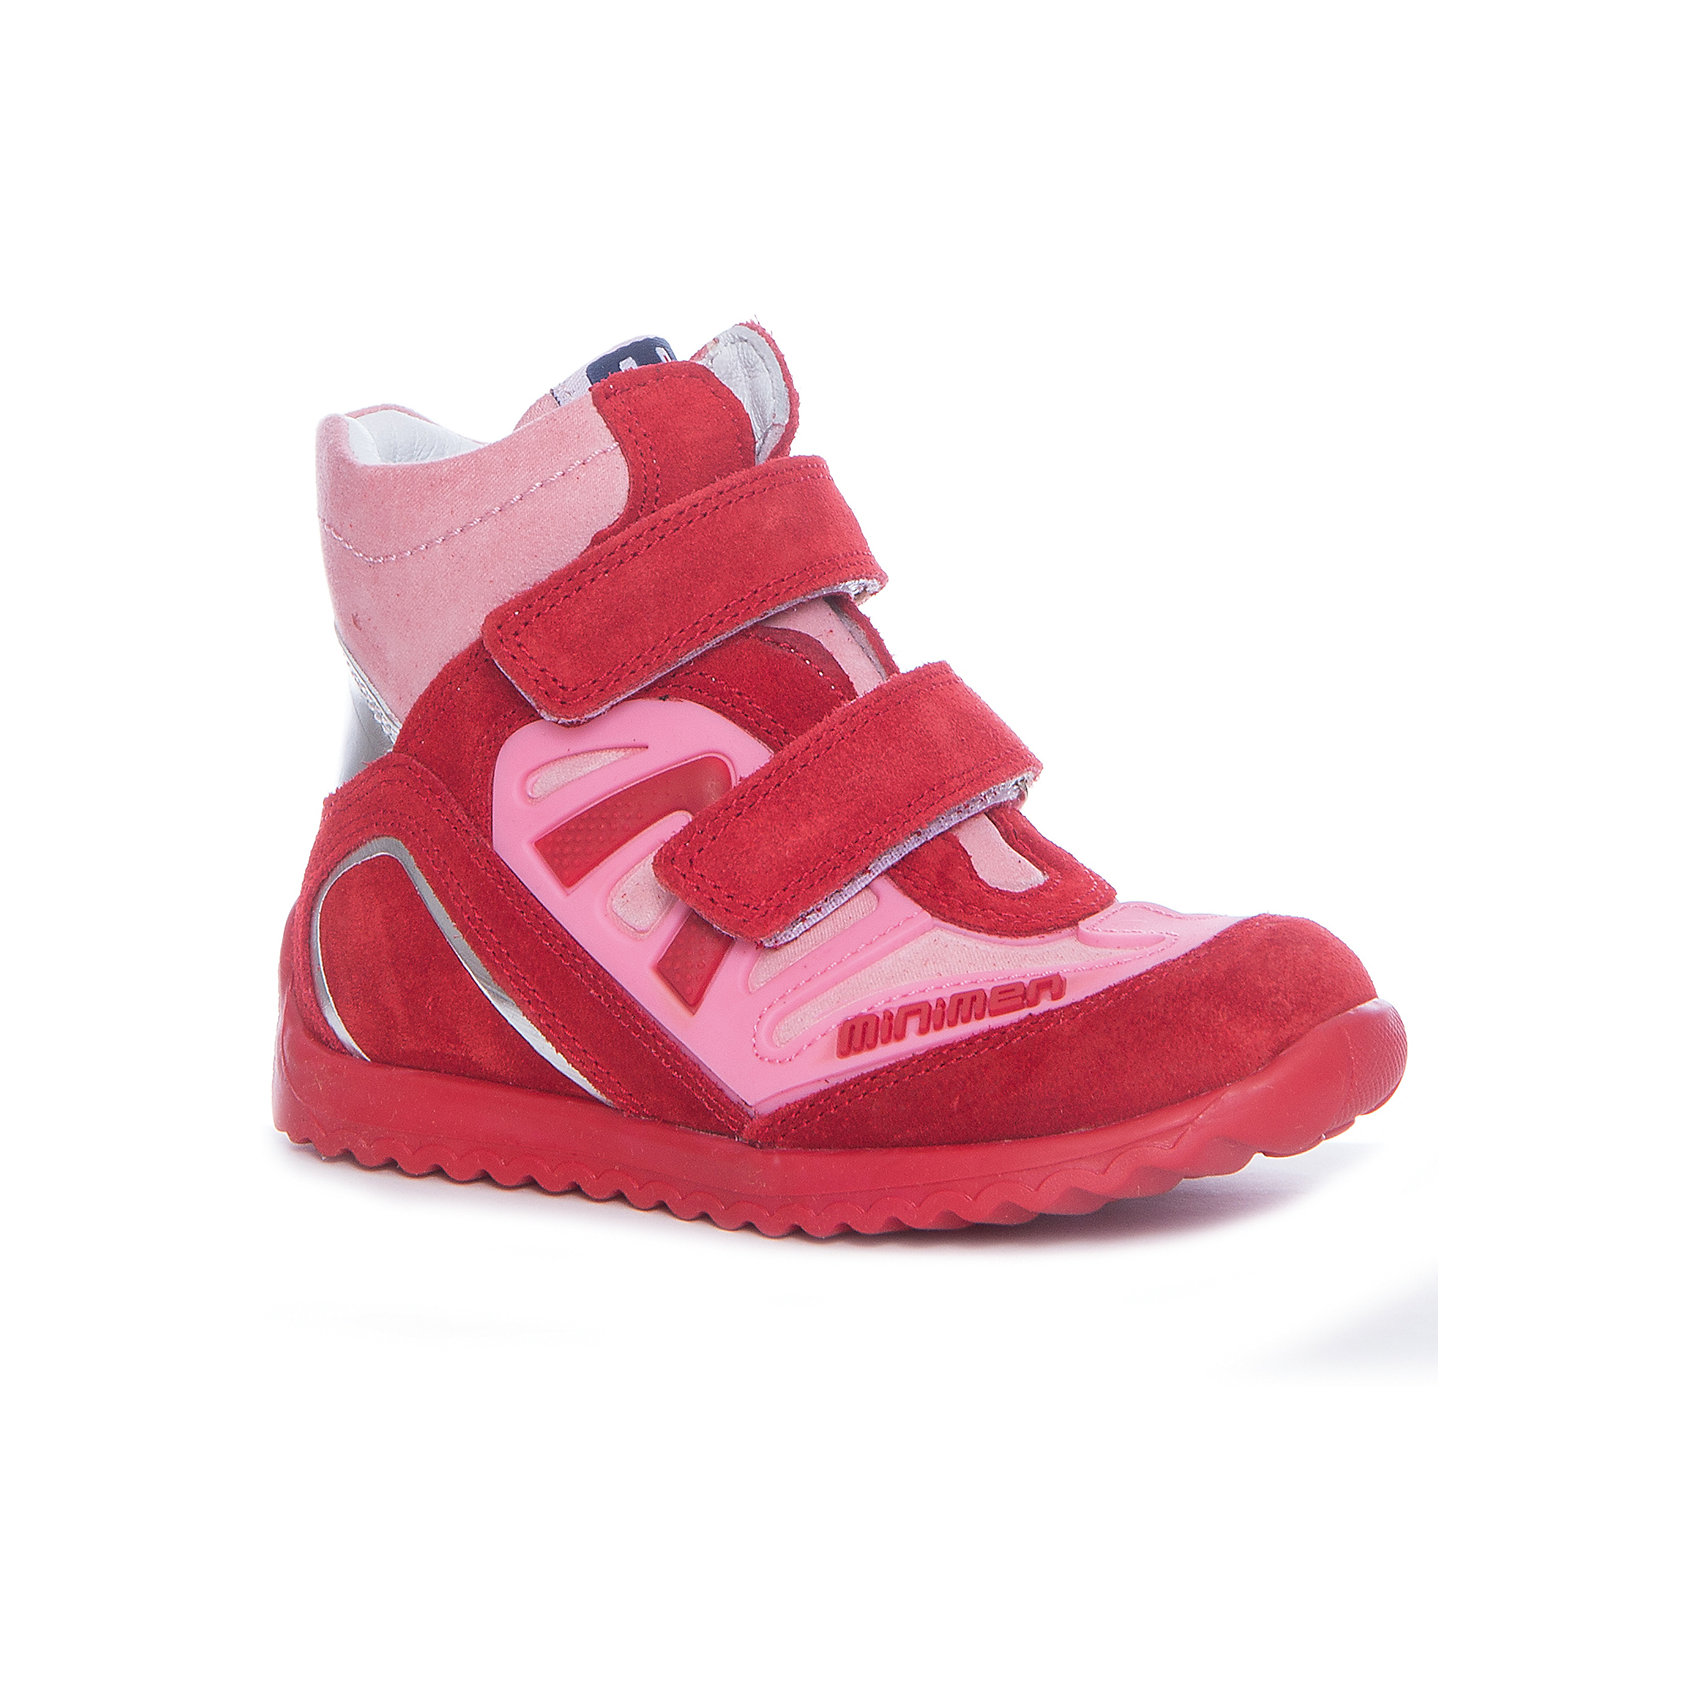 Ботинки для девочки MINIMENБотинки<br>Характеристики товара:<br><br>• цвет: розовый/красный<br>• внешний материал: натуральная замша, натуральная кожа<br>• внутренний материал: текстиль<br>• стелька: натуральная кожа<br>• подошва: полиуретан<br>• температурный режим: от 0°С до +10°С<br>• наличие супинатора<br>• высокий жёсткий задник<br>• профилактическая анатомическая модель<br>• застёжка: два ремешка с липучками<br>• усиленный защищённый мыс и пятка<br>• страна бренда: Турция<br>• страна производства: Турция<br><br>Модные демисезонные ботинки сделаны из качественного текстиля и натуральной кожи, которые помогают ногам находиться в комфортных условиях: впитывают лишнюю влагу и правильно распределяют нагрузку. Полуботинки легко надеваются, очень симпатично выглядят. Это действительно удобная и качественная обувь. Правильно подобранная детская обувь - залог здорового развития не только стопы, но и всего организма!<br><br>Ботинки от известного бренда Minimen (Минимен) можно купить в нашем интернет-магазине.<br><br>Ширина мм: 262<br>Глубина мм: 176<br>Высота мм: 97<br>Вес г: 427<br>Цвет: разноцветный<br>Возраст от месяцев: 24<br>Возраст до месяцев: 24<br>Пол: Женский<br>Возраст: Детский<br>Размер: 25,30,29,28,27,26<br>SKU: 5360573